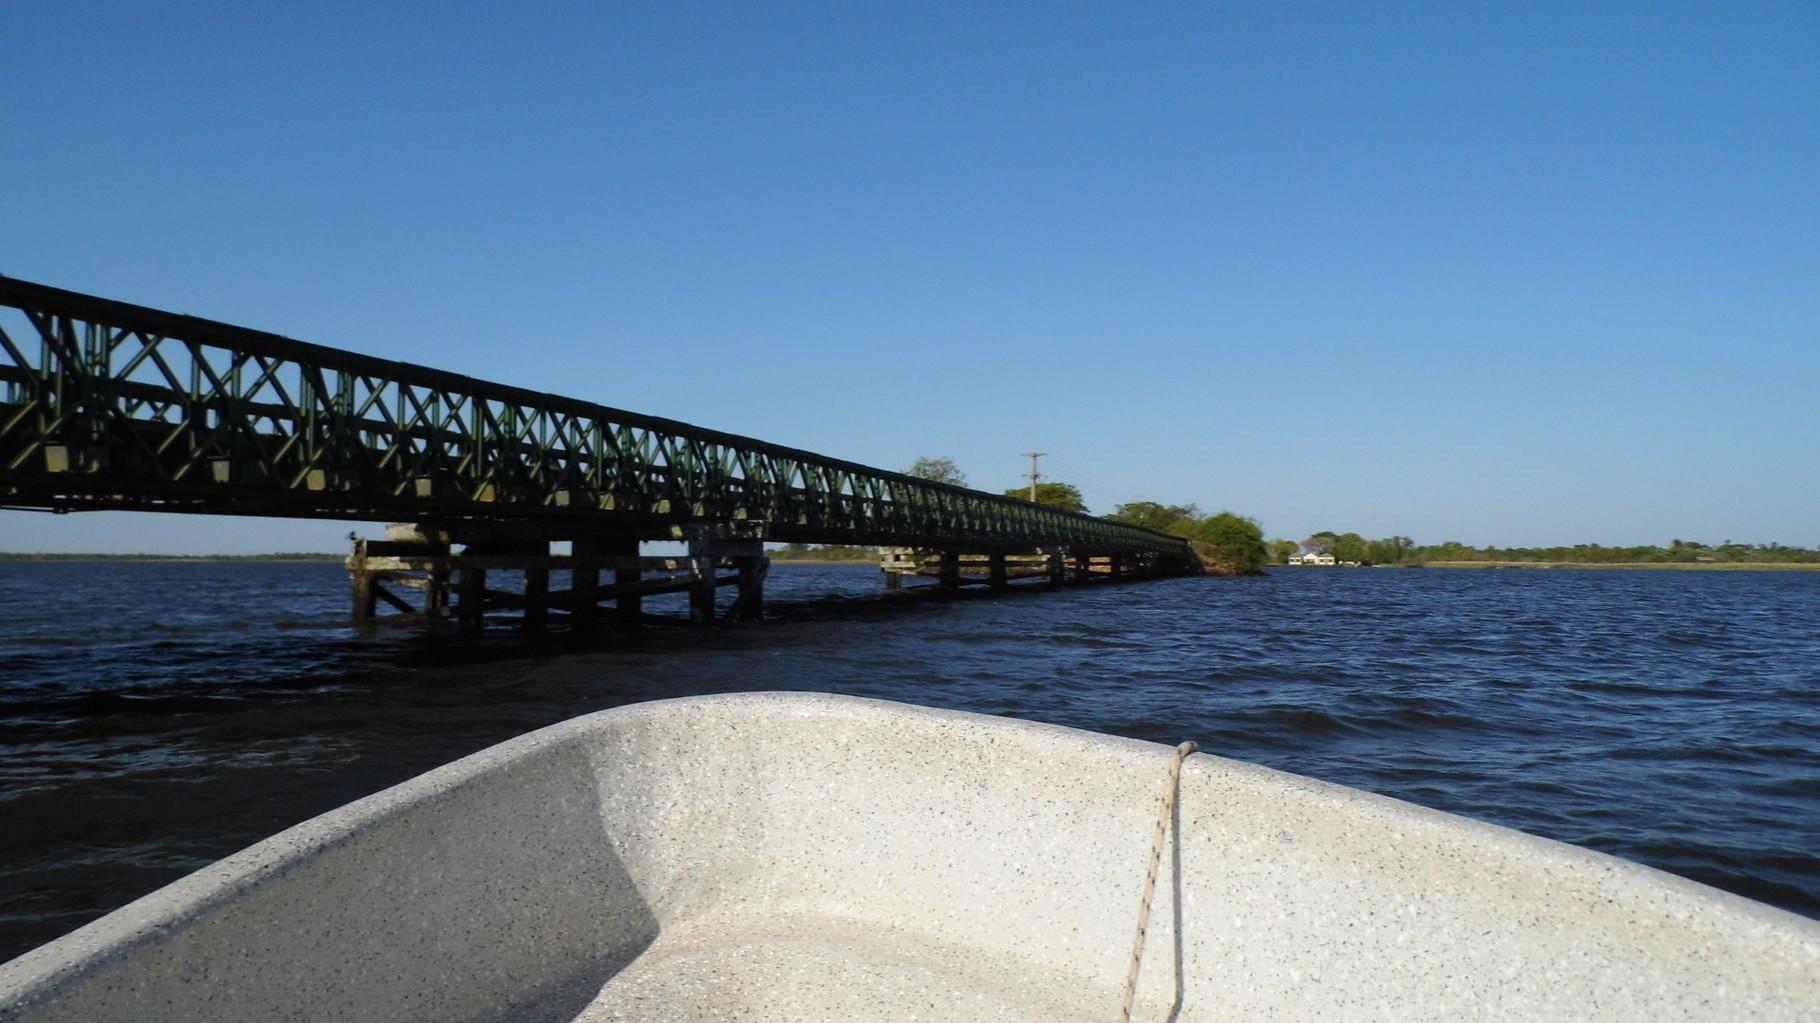 Pont sur lequel nous sommes arrivés